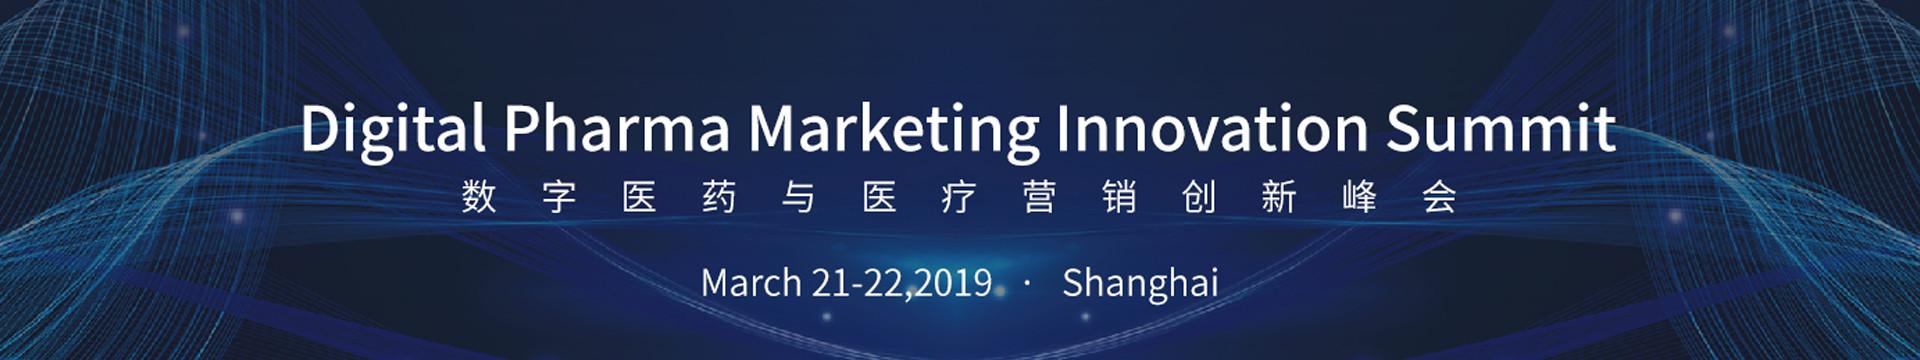 2019数字医疗与医药营销创新峰会(上海)Digital Pharma Marketing Innovation Summit